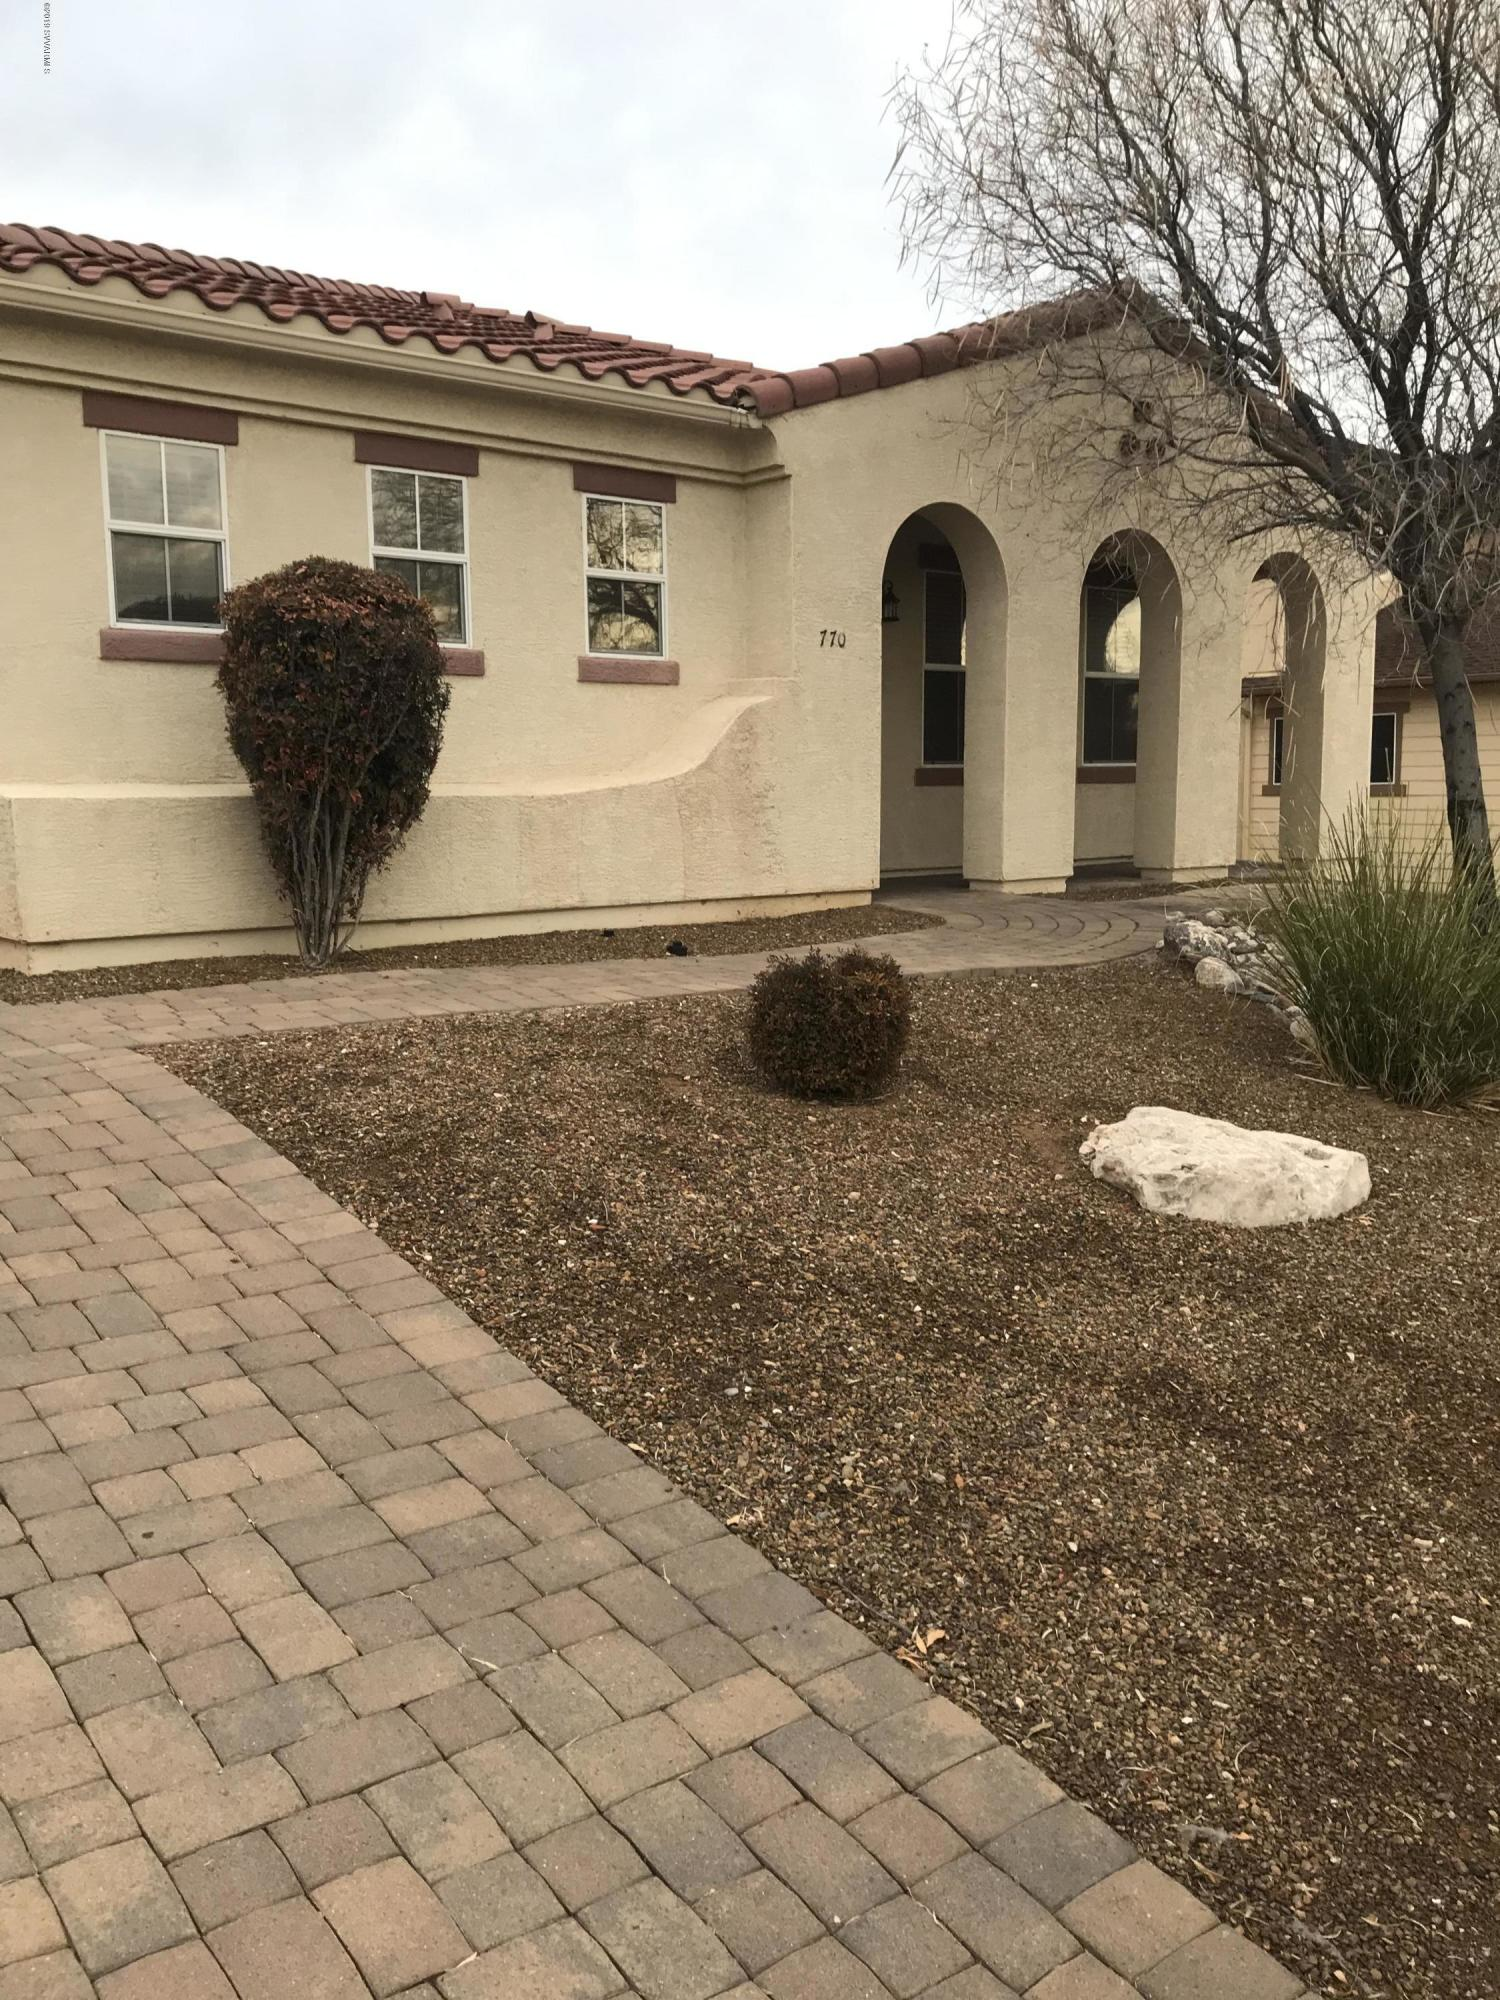 770 Alfonse Rd Clarkdale, AZ 86324